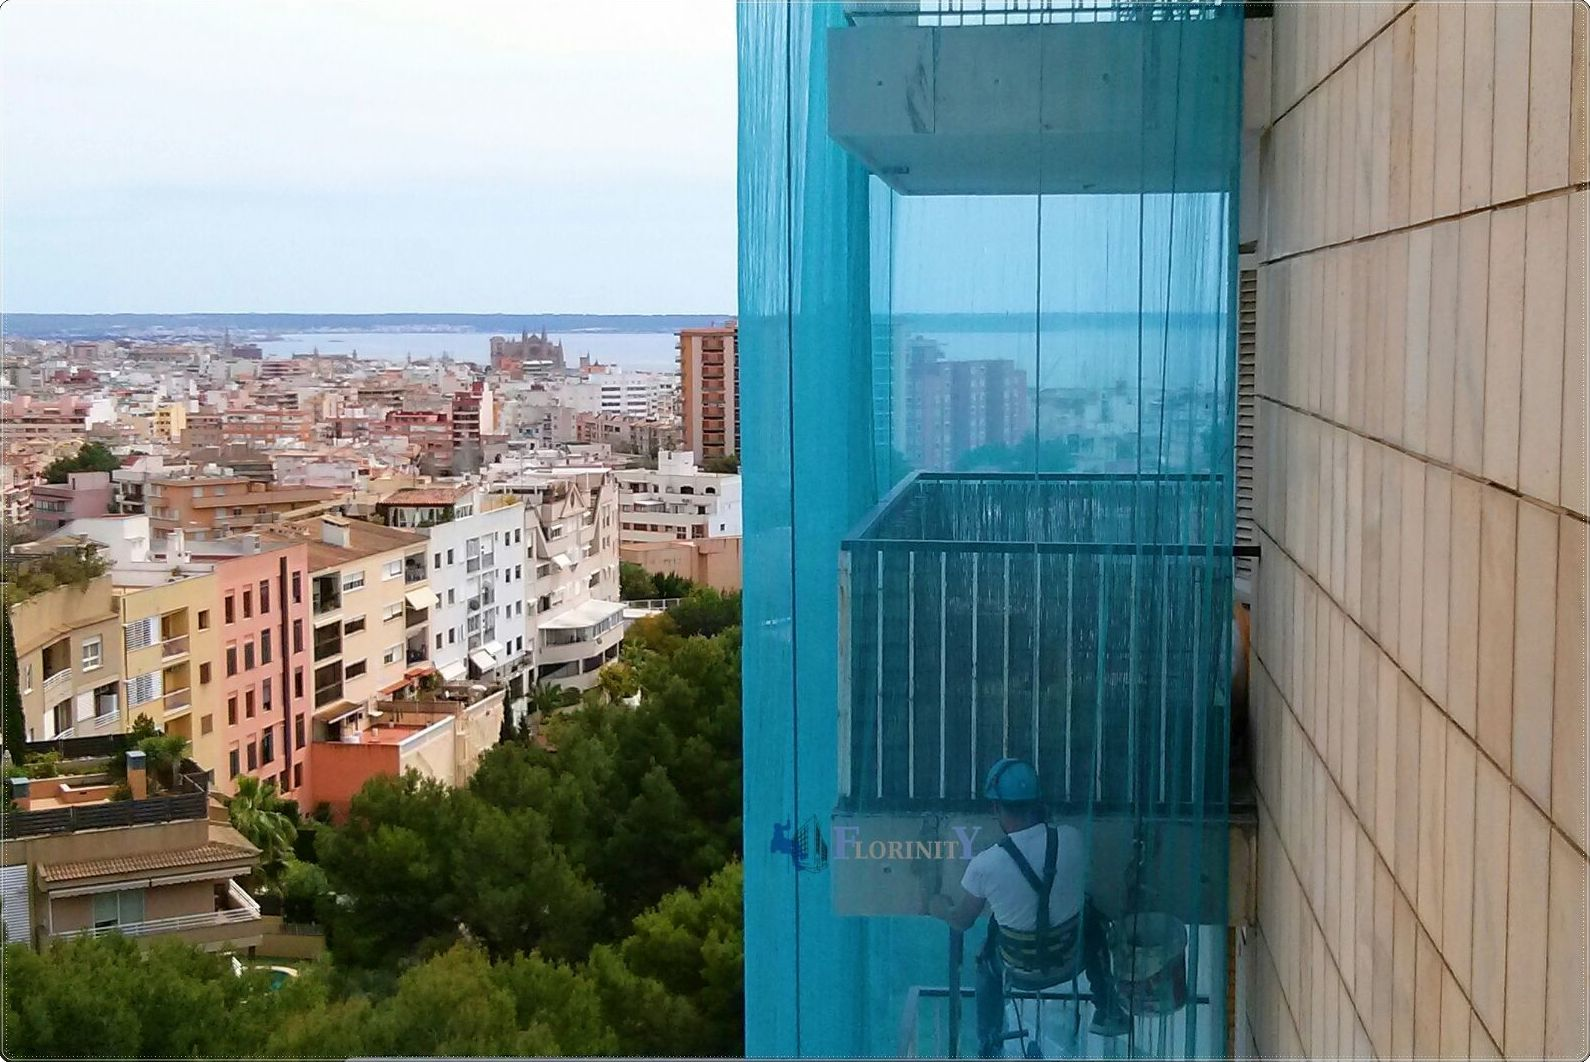 Trabajos verticales Mallorca  Trabajos Verticales Florinity